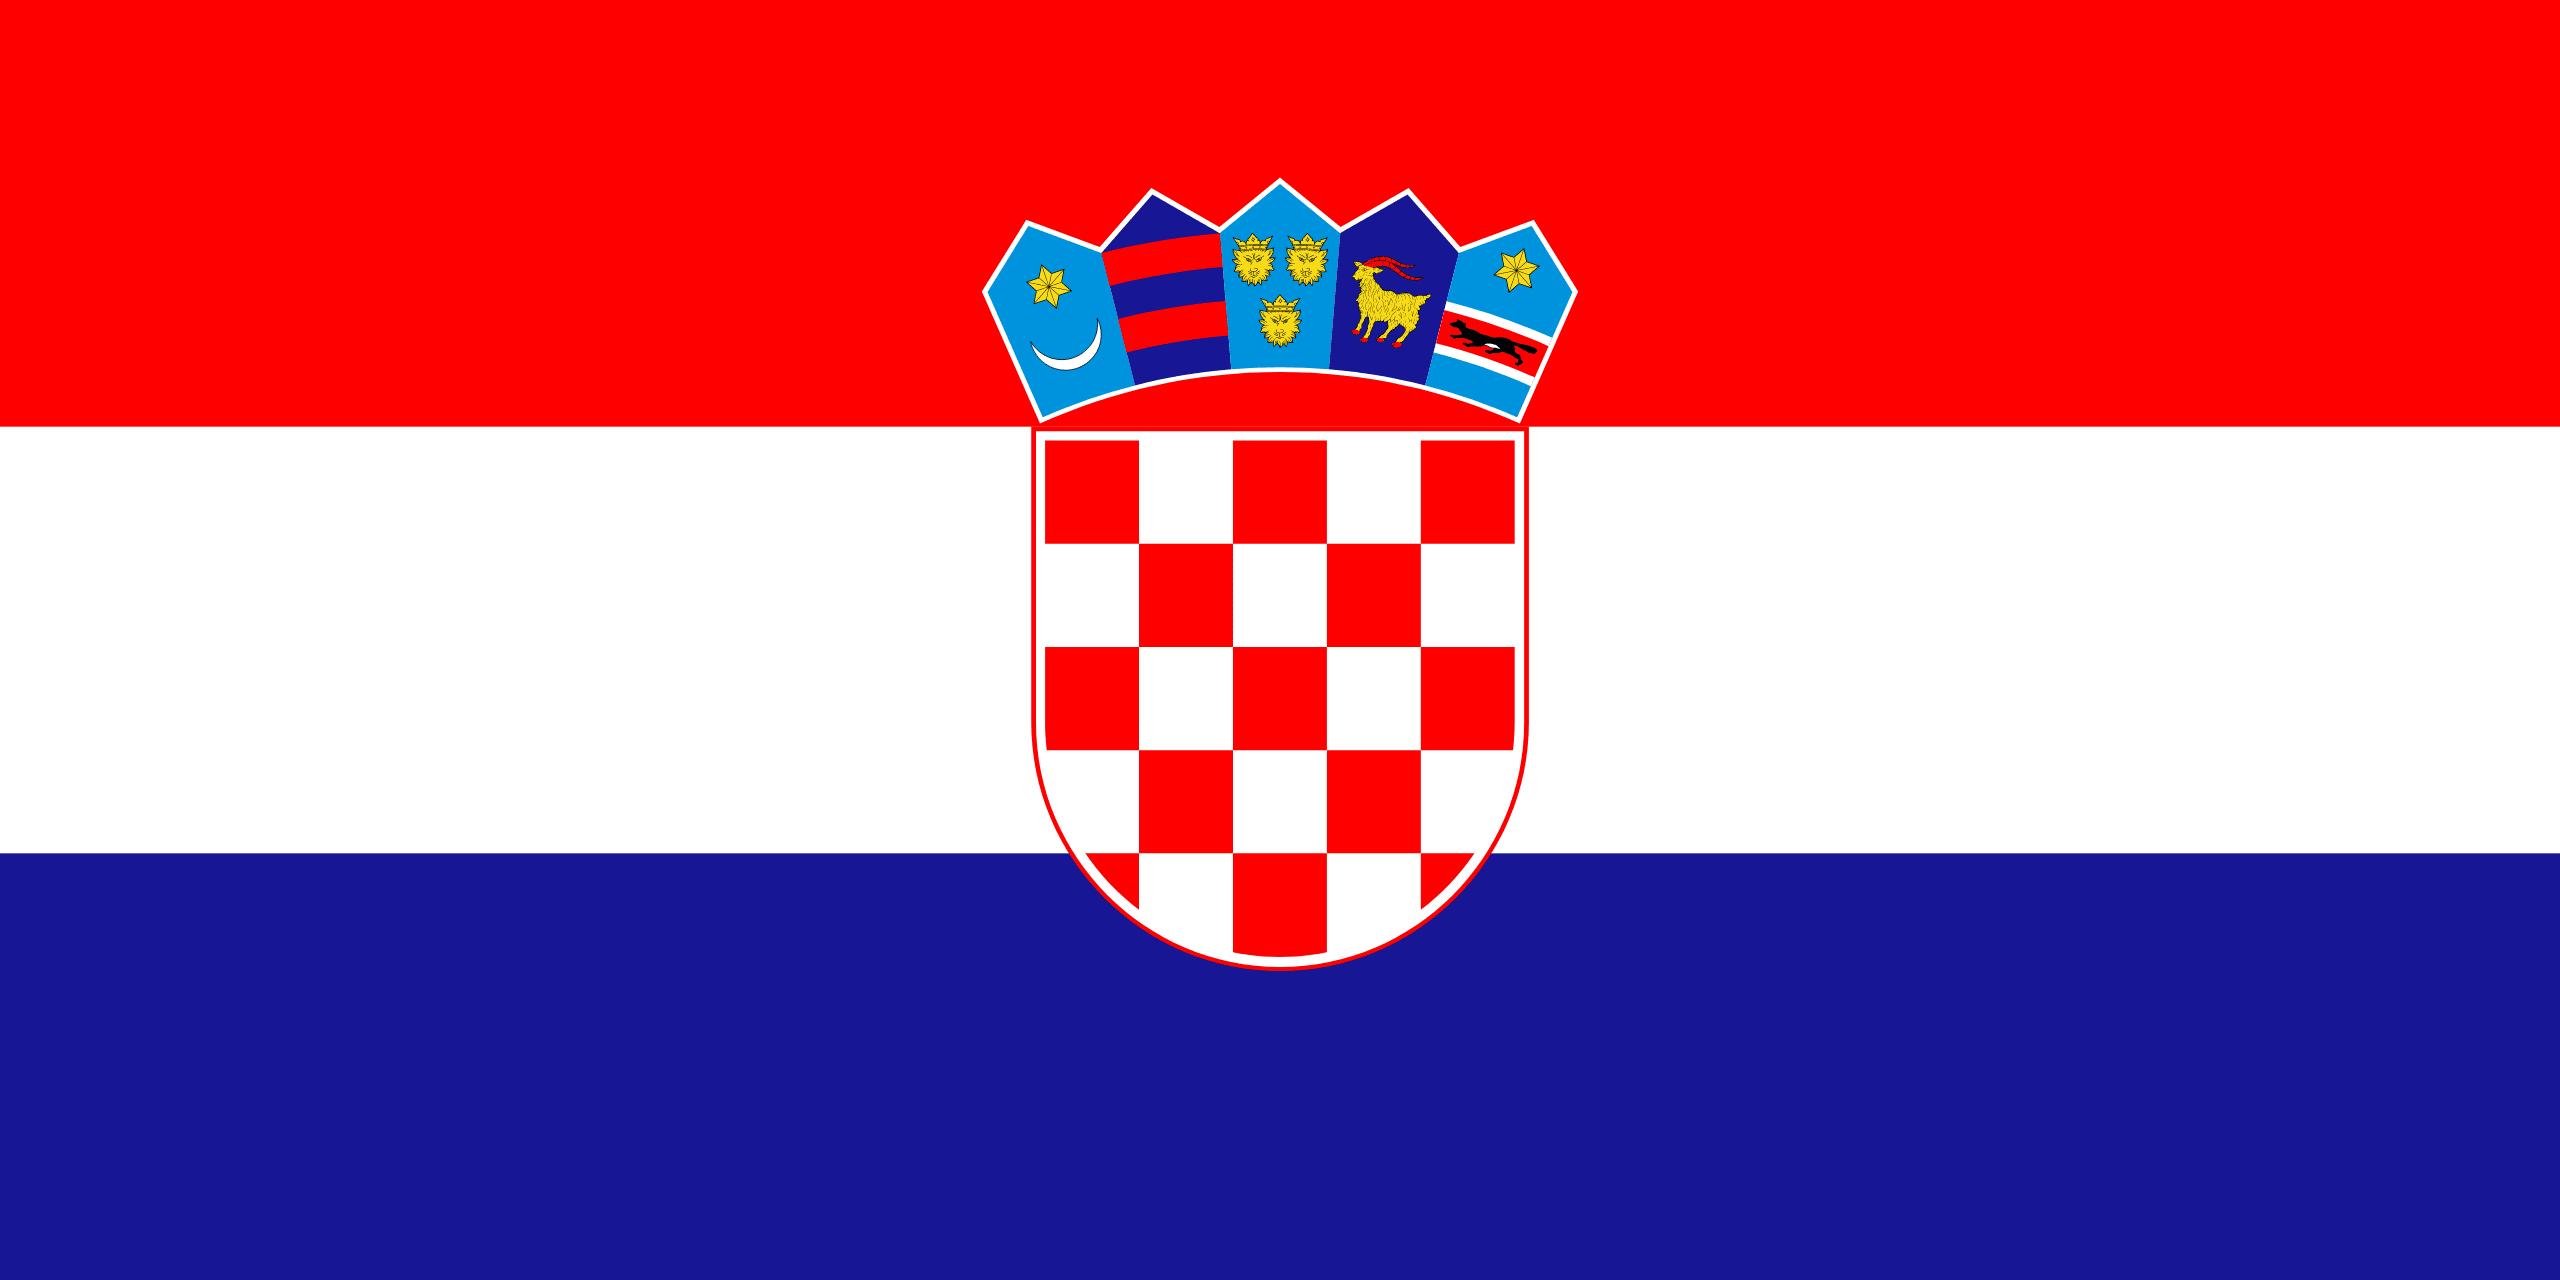 Hırvatistan'ın Başkenti ve Para Birimi Nedir? Hırvatistan'ın Bayrağı Nasıldır?